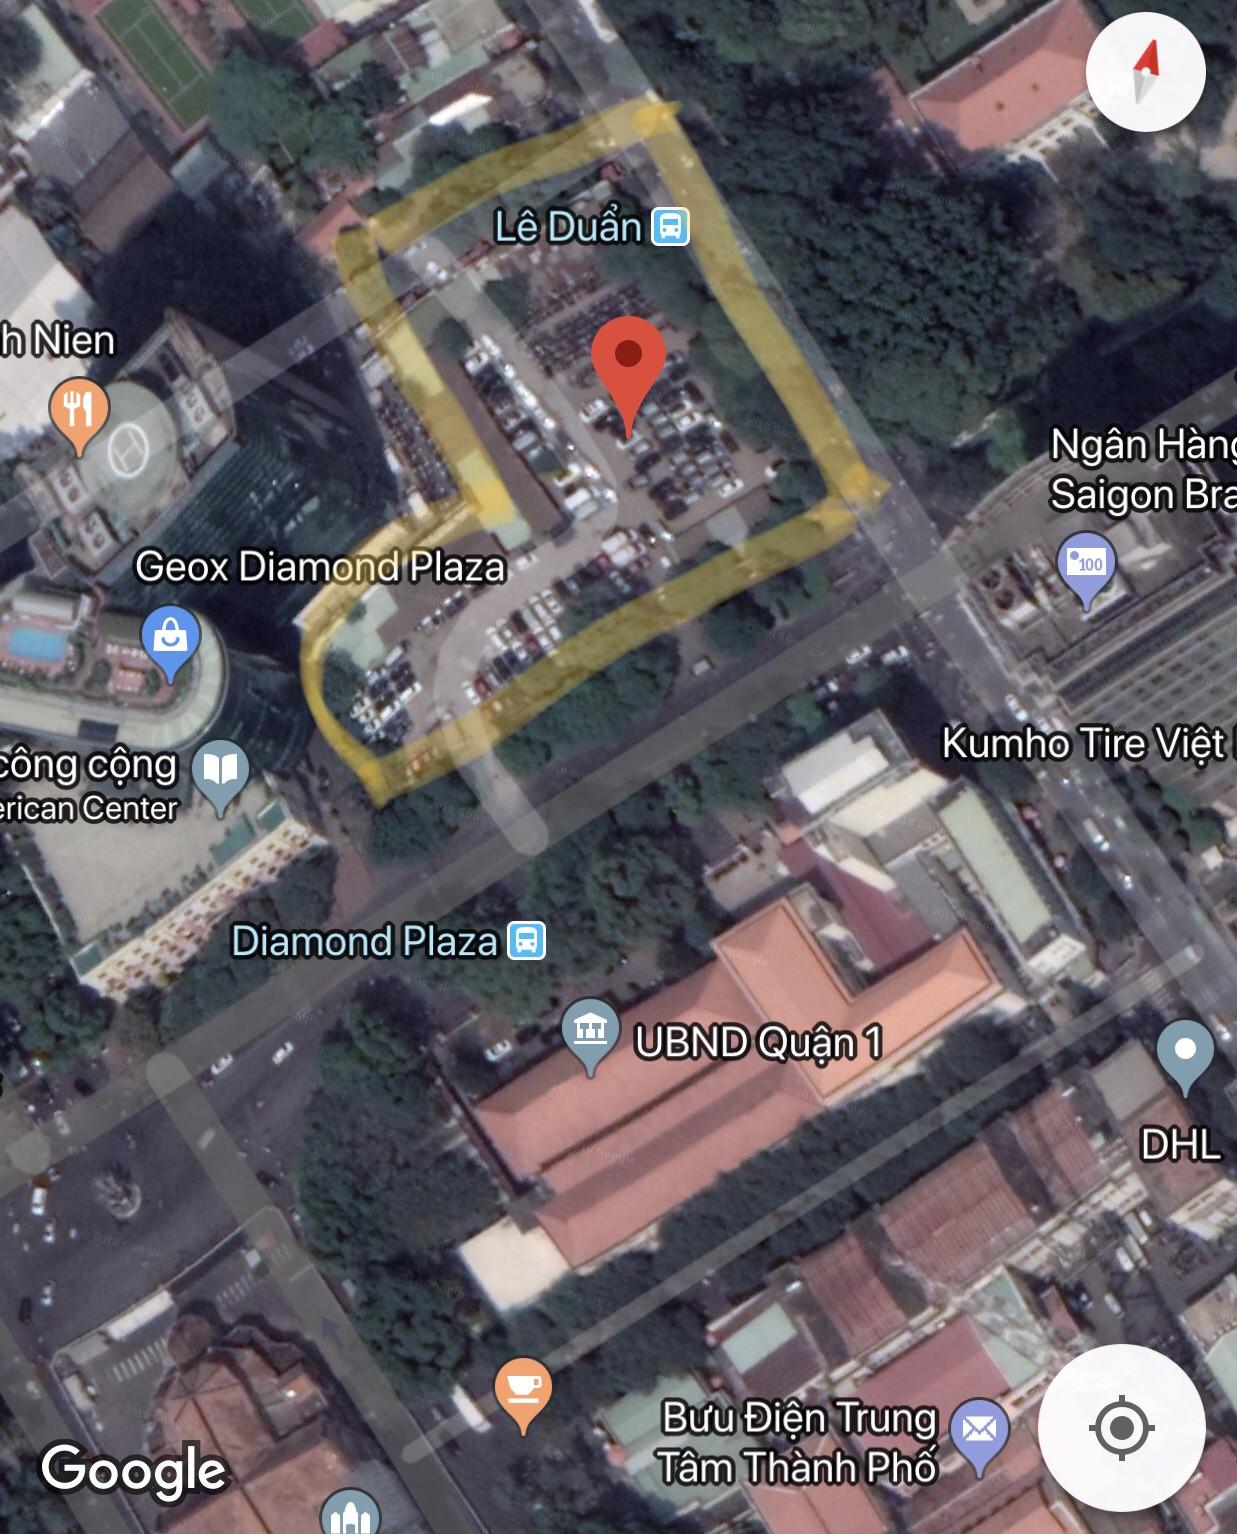 Cận cảnh khu đất vàng 5.000 m2 giữa Sài Gòn được cho thuê giá rẻ mạt  - Ảnh 18.